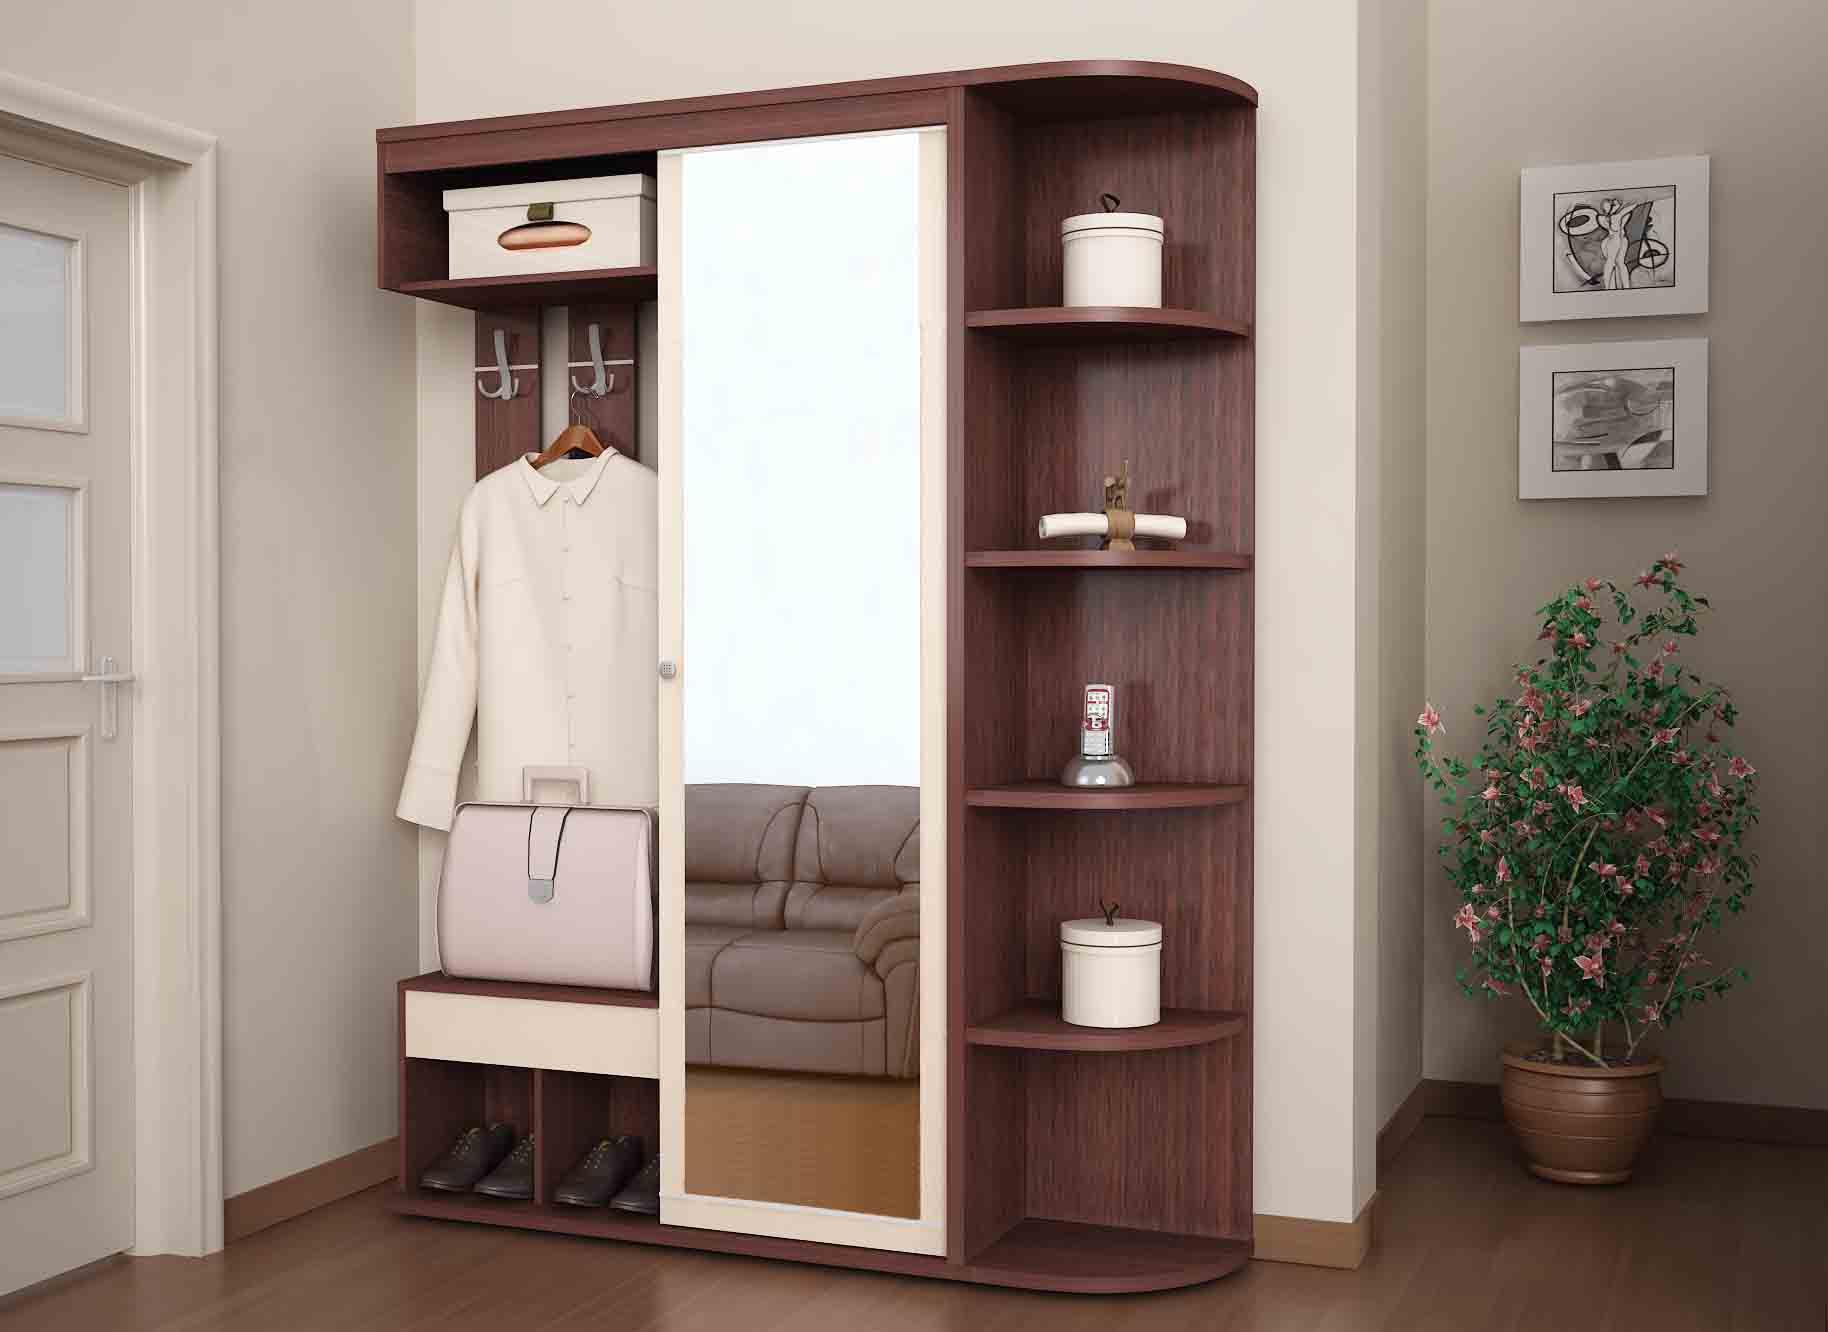 шкаф с зеркалом в прихожую комнату из качественного дерева